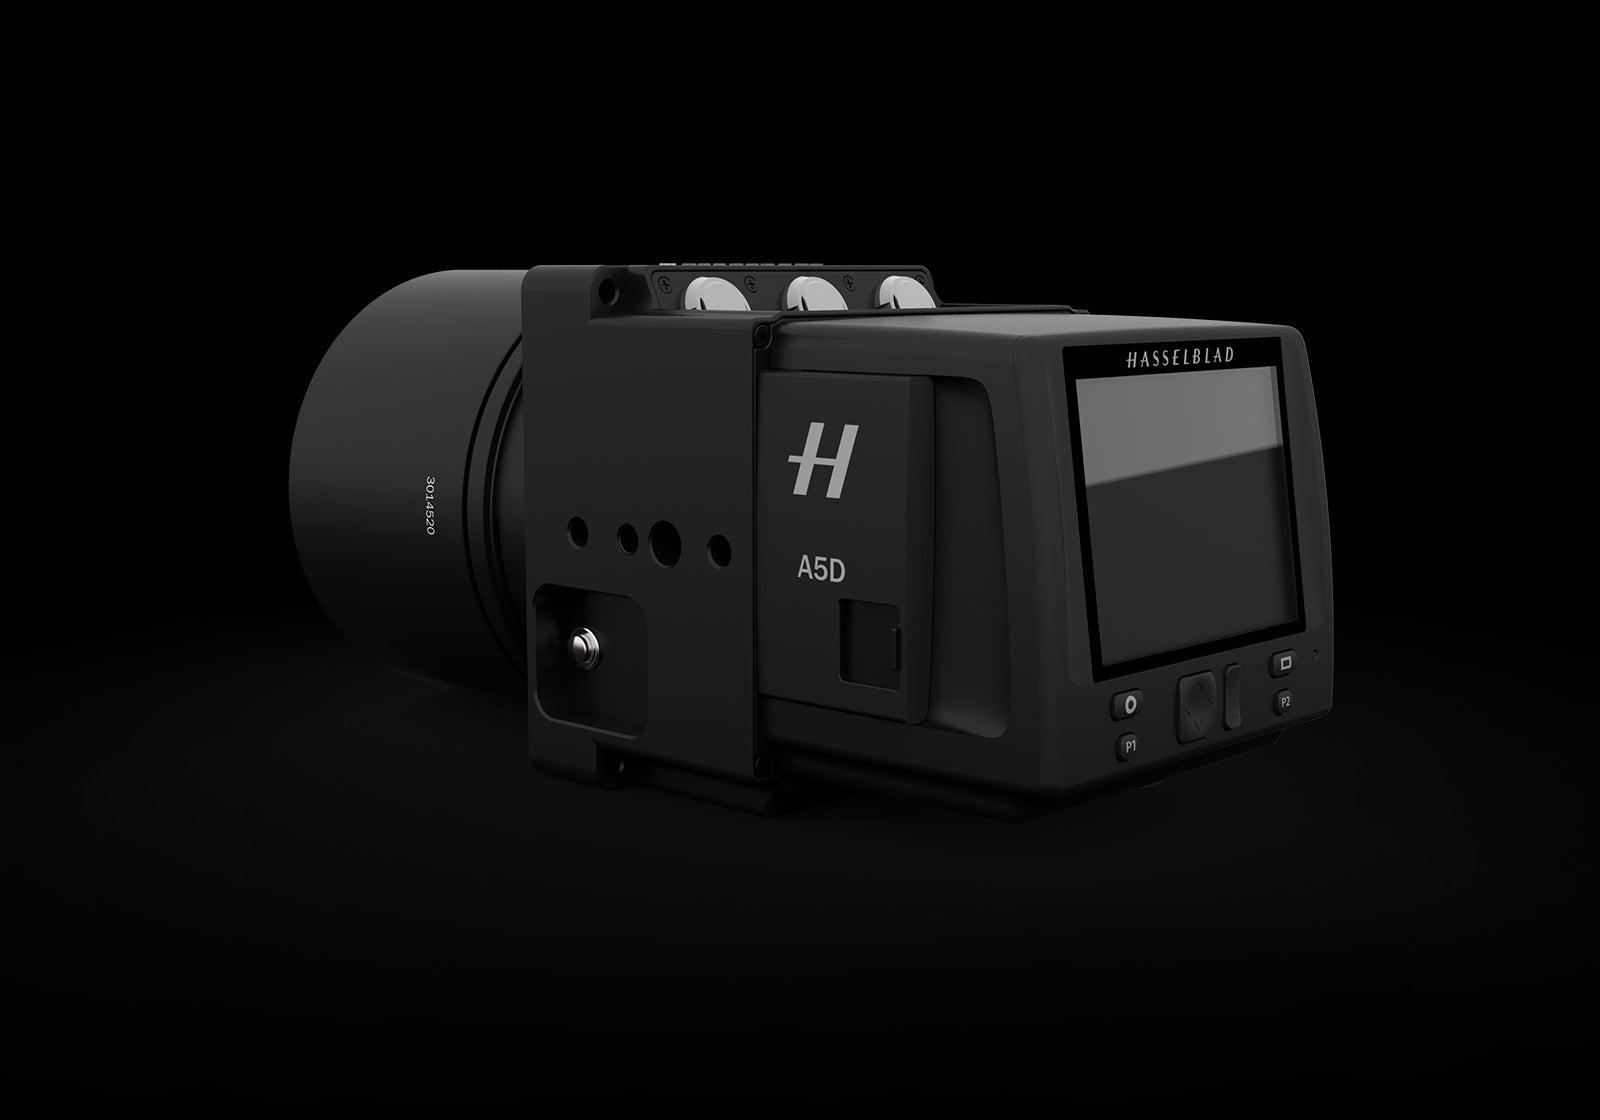 Hasselblad H5D Aerial Camera